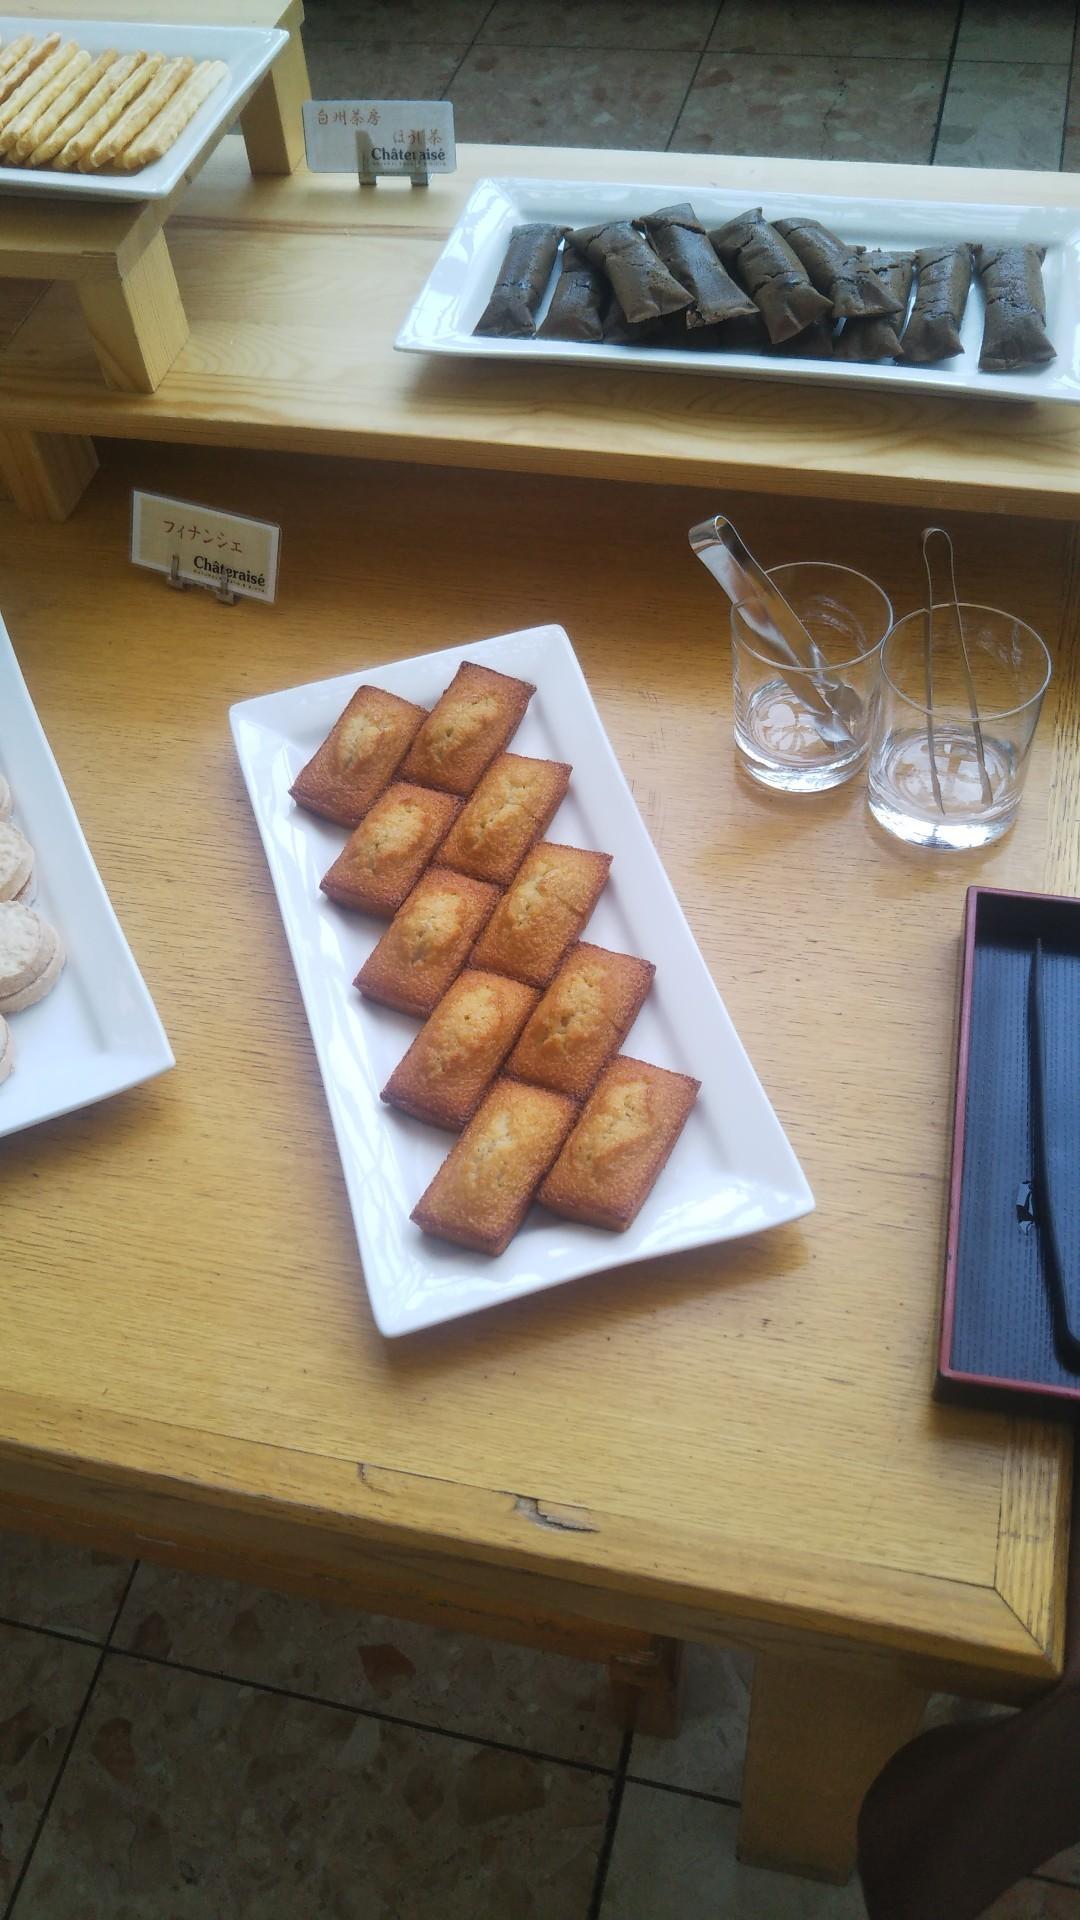 シャトレーゼ ガトーキングダムサッポロ ヴィーニュ Dessert Buffet~夏のべジスイーツフェア~_f0076001_23441056.jpg